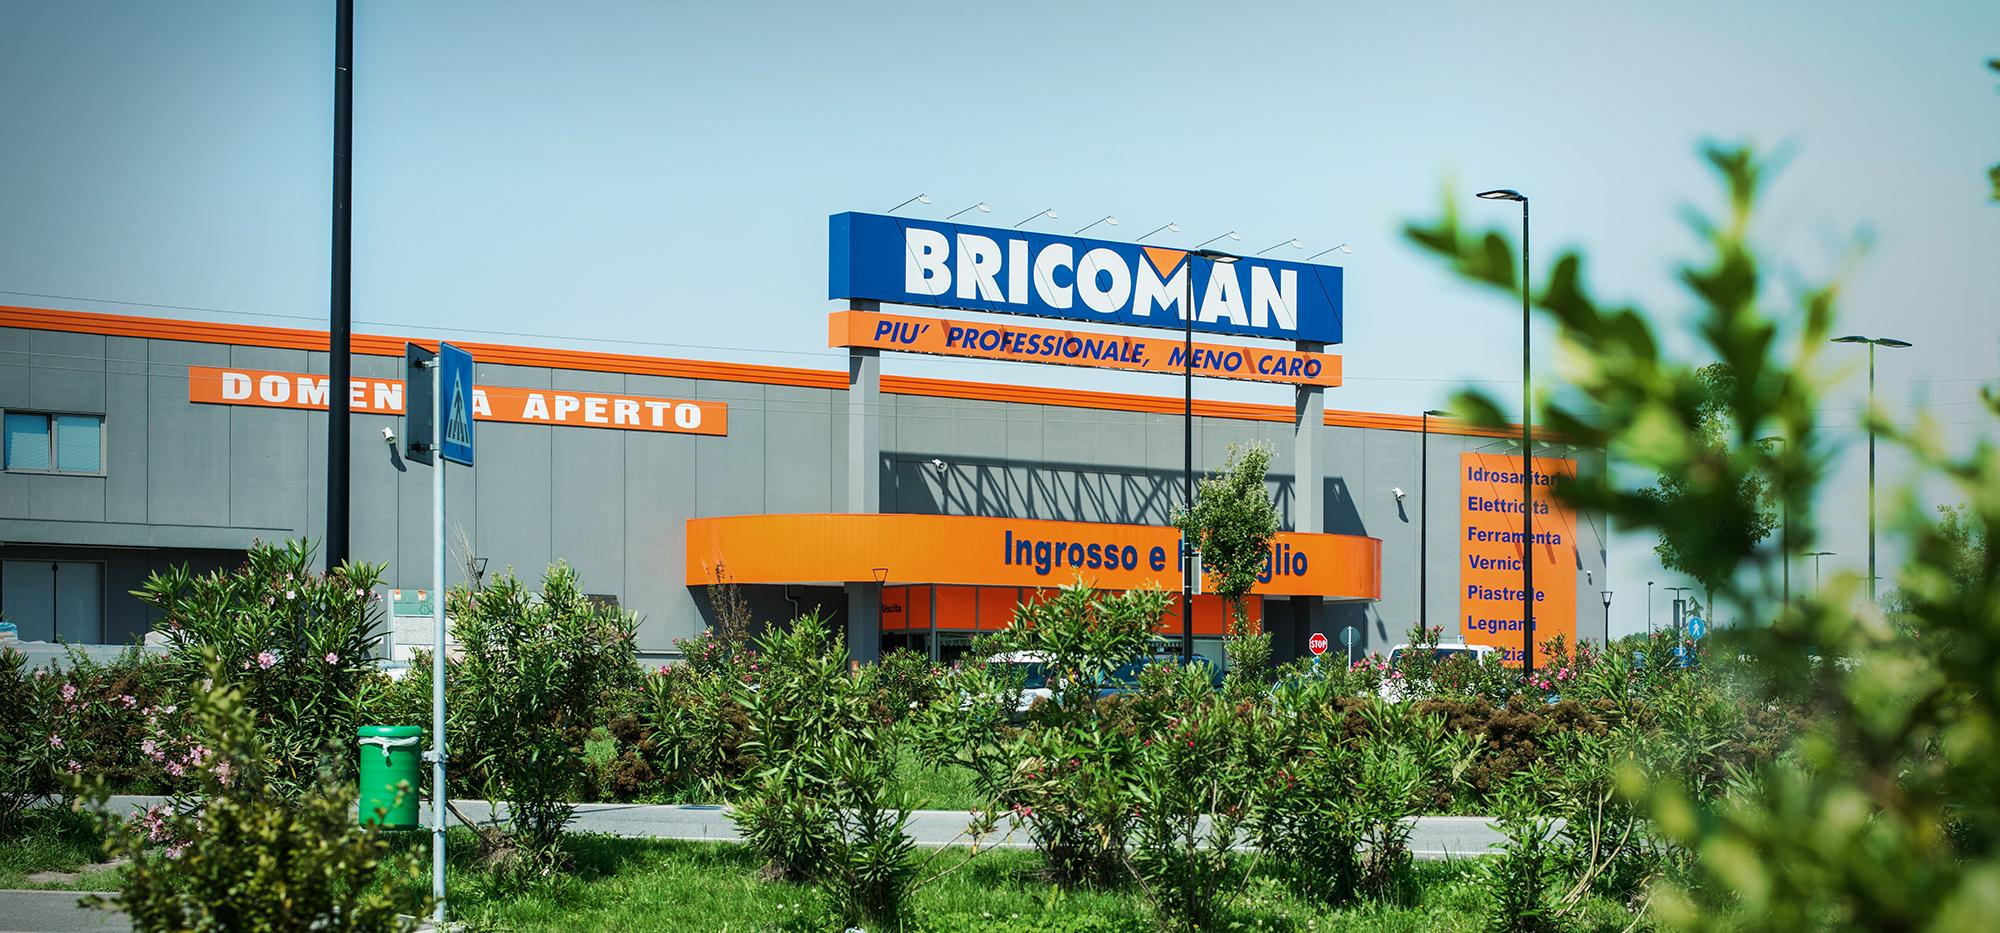 BricoMan04